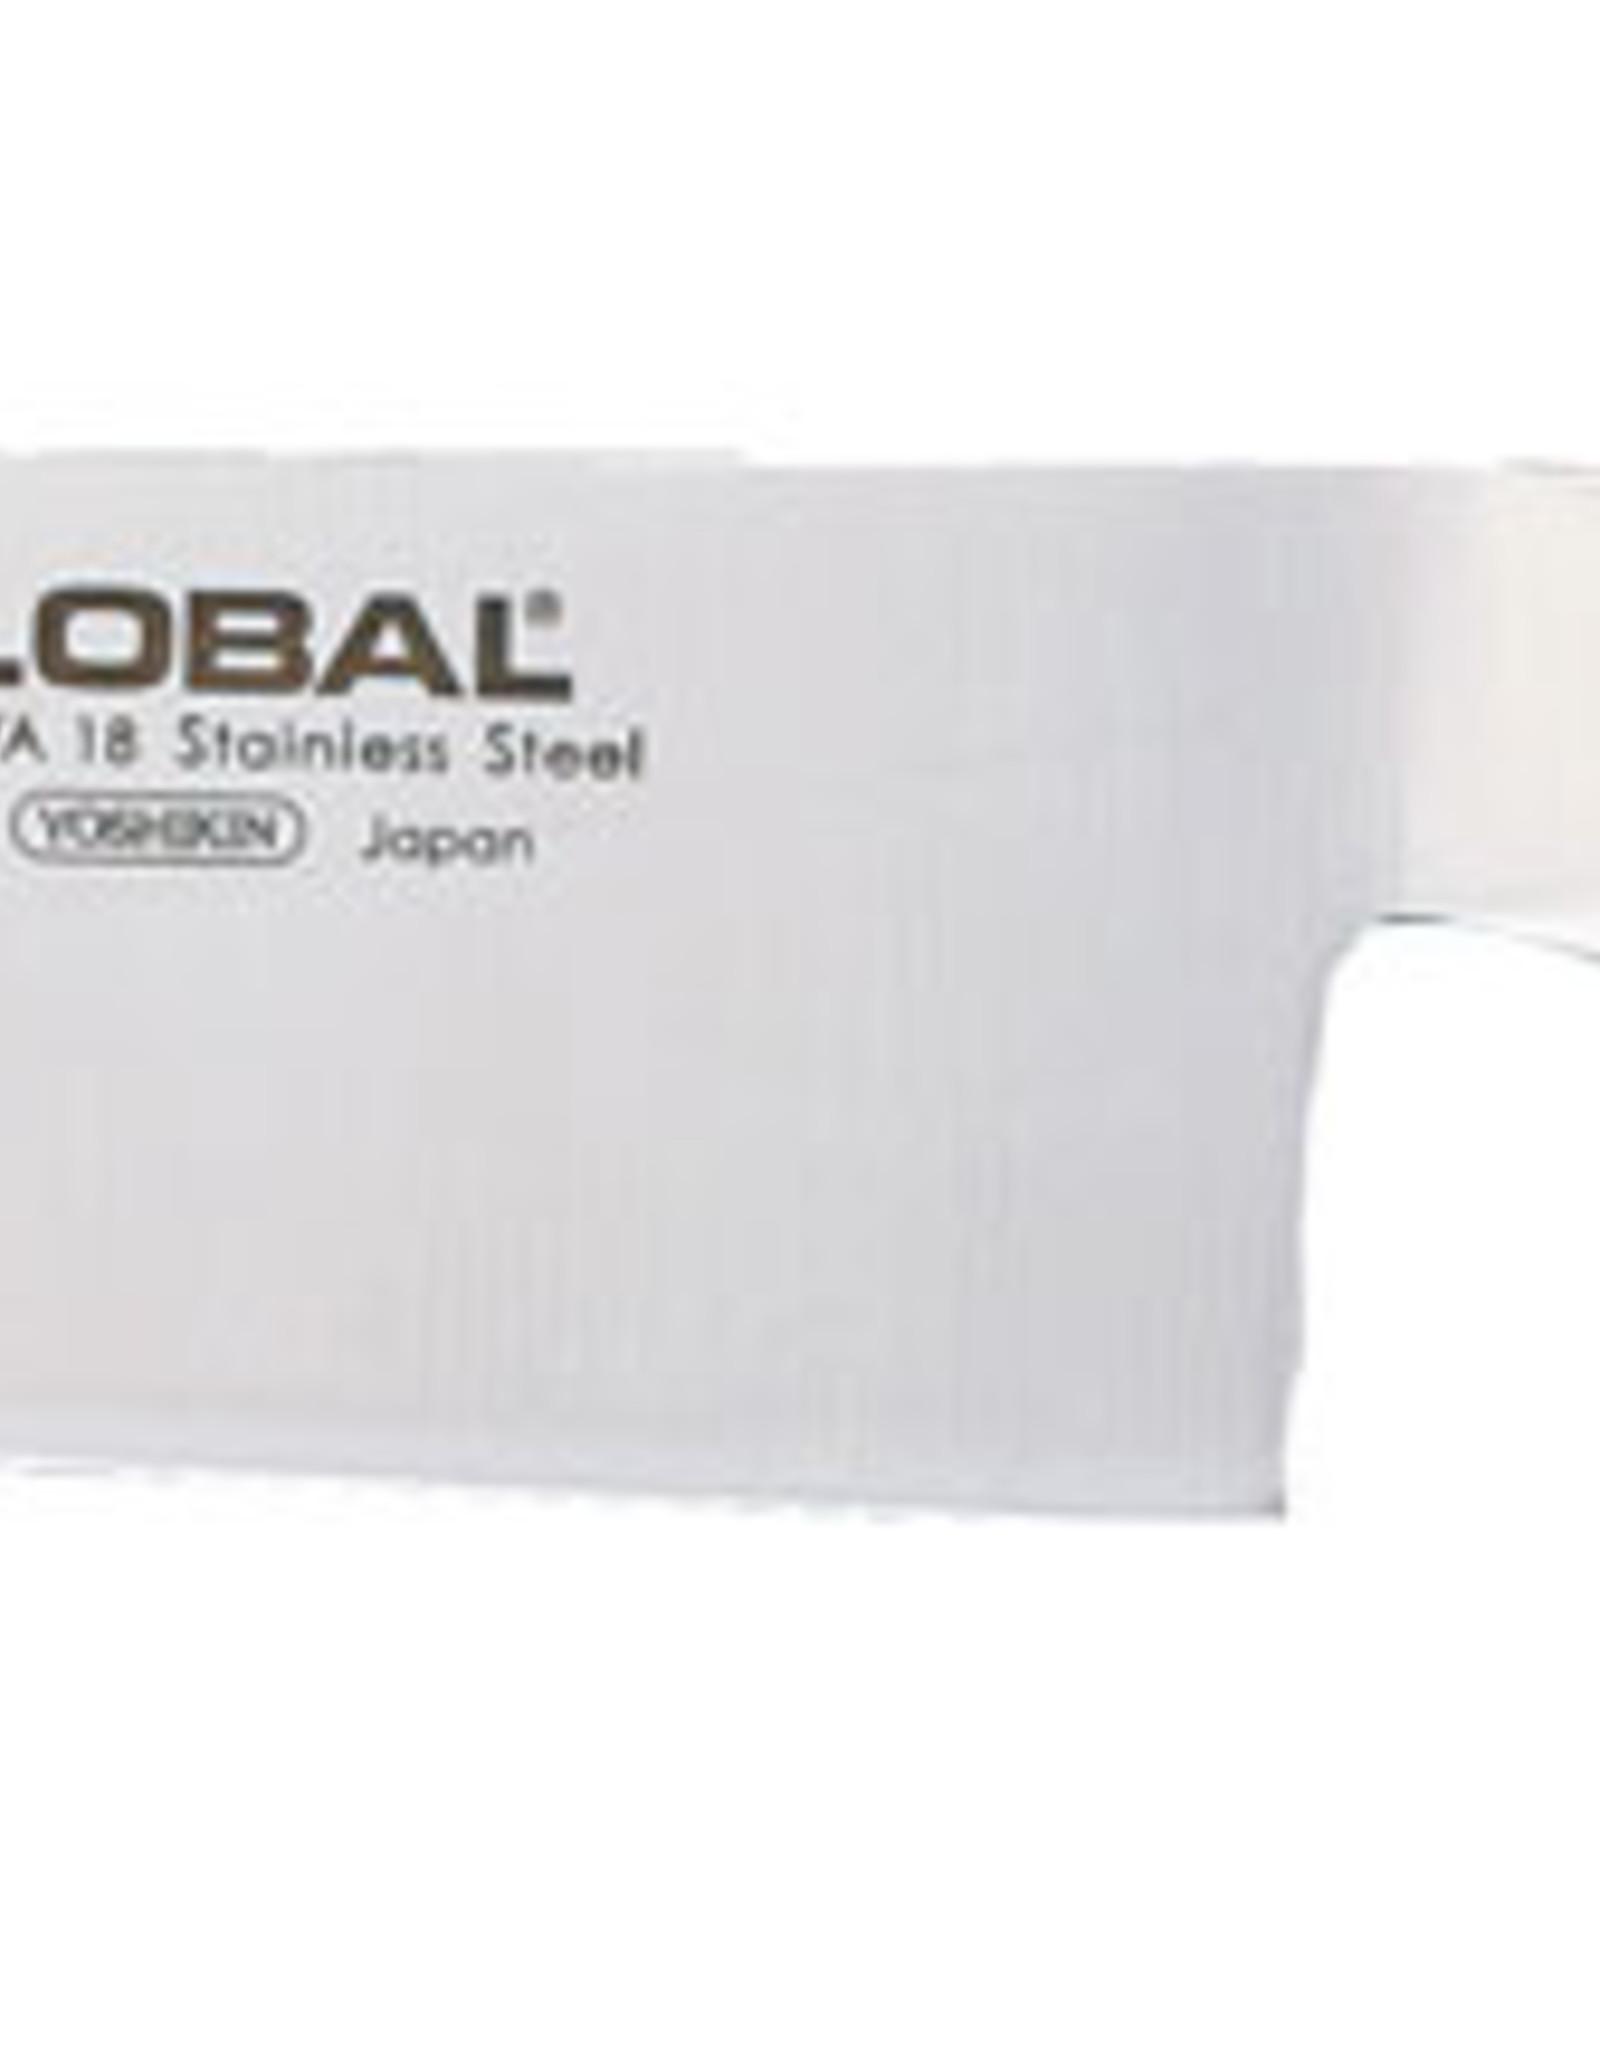 Global Global G-4615 Messenset keuken 2 delig